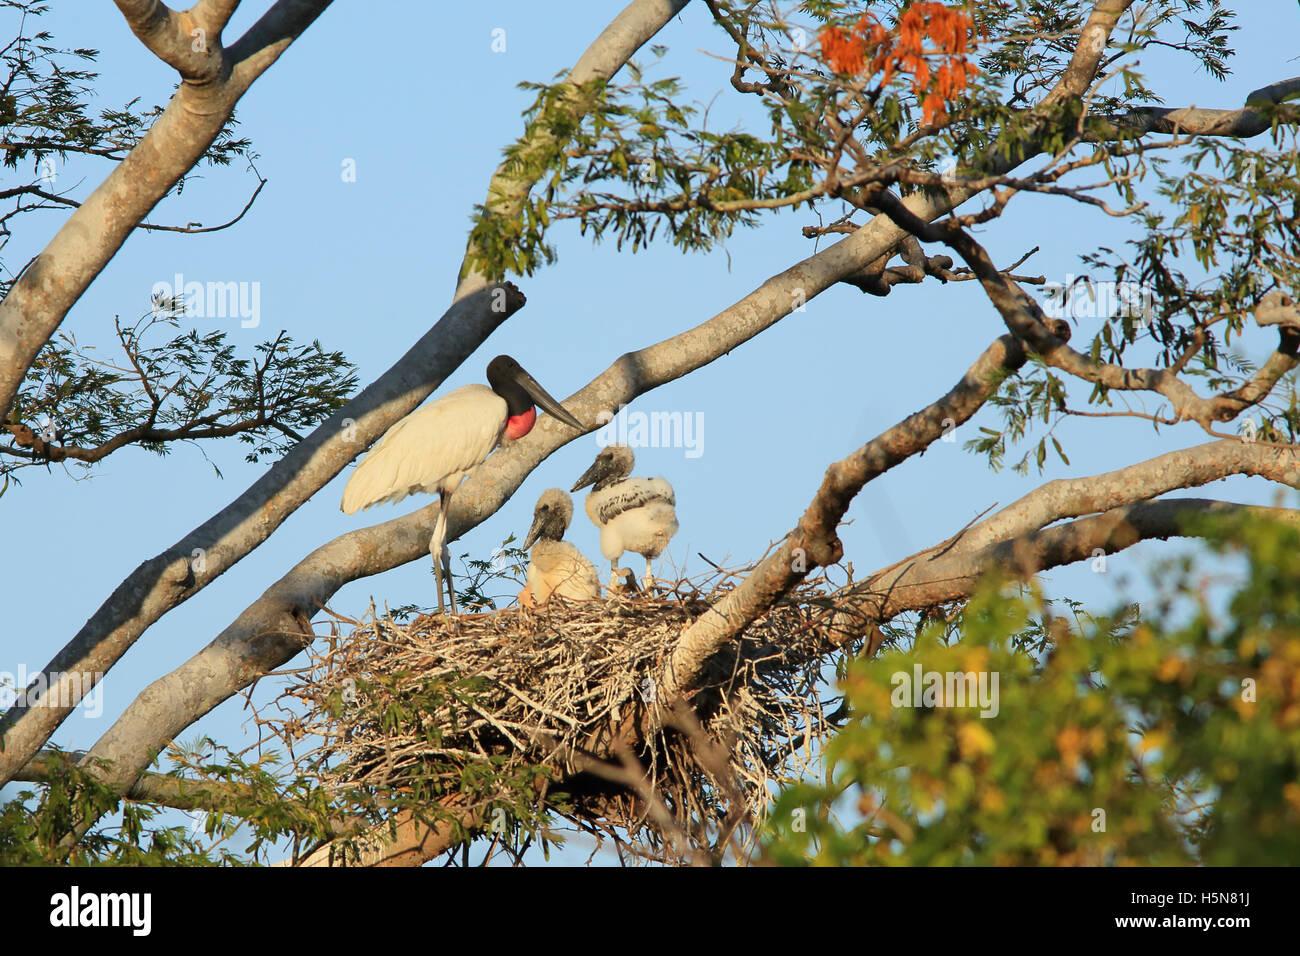 Jabiru Aeroporto (Jabiru Aeroporto mycteria) e della prole al nido. Tropical foresta secca, Palo Verde National Immagini Stock